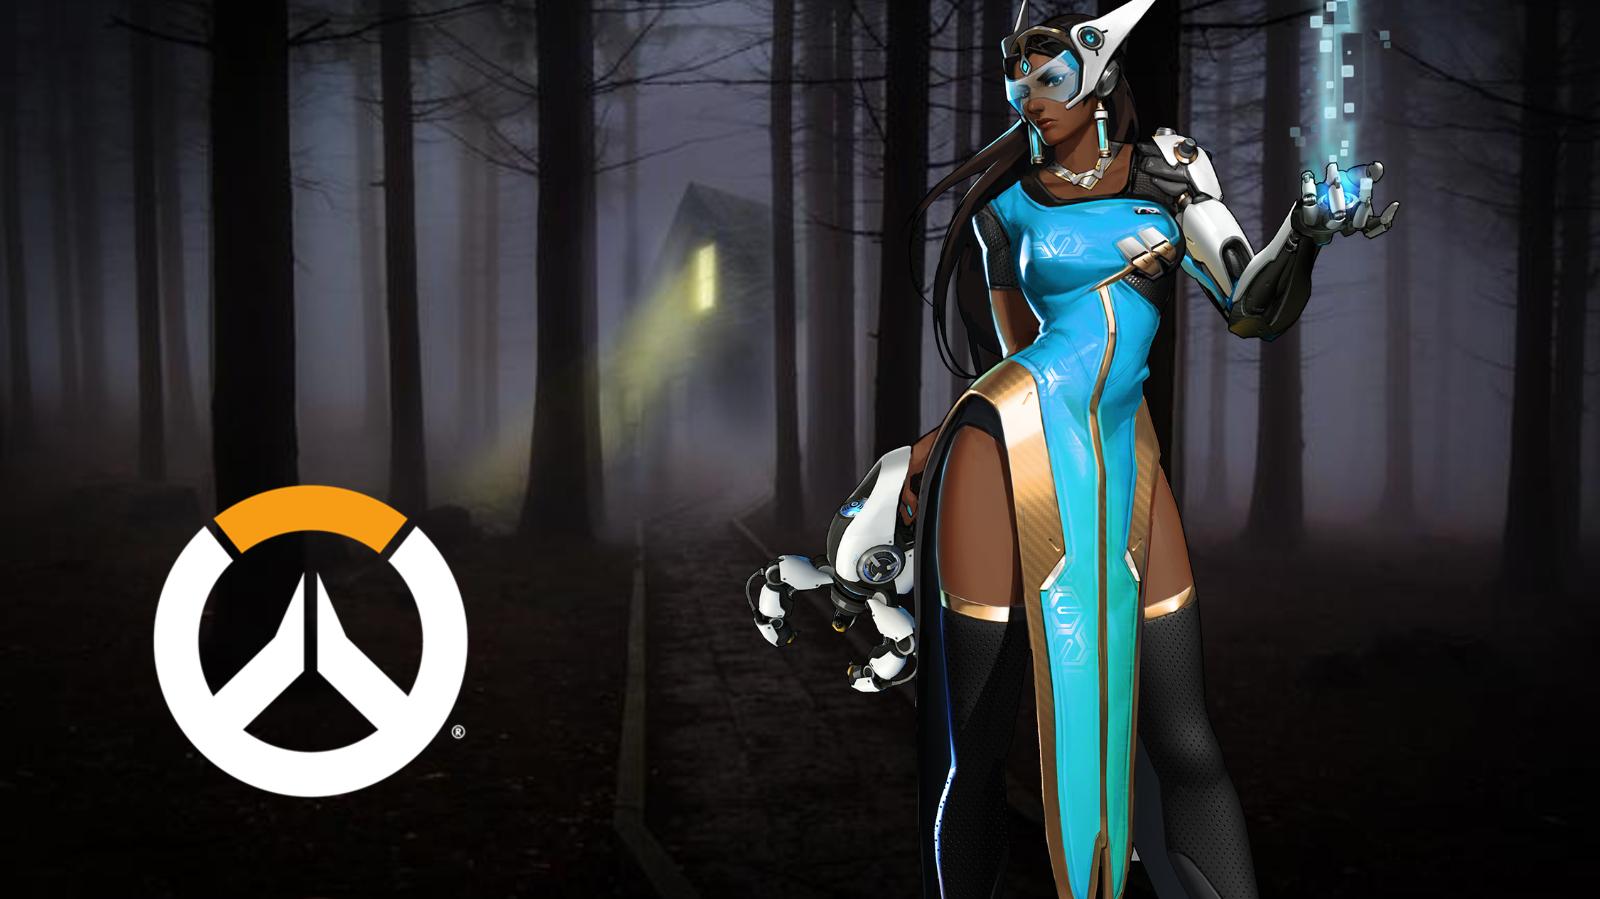 Halloween-Terror-Symmetra-Overwatch-Skin-Concept-Bewitching-Reaper